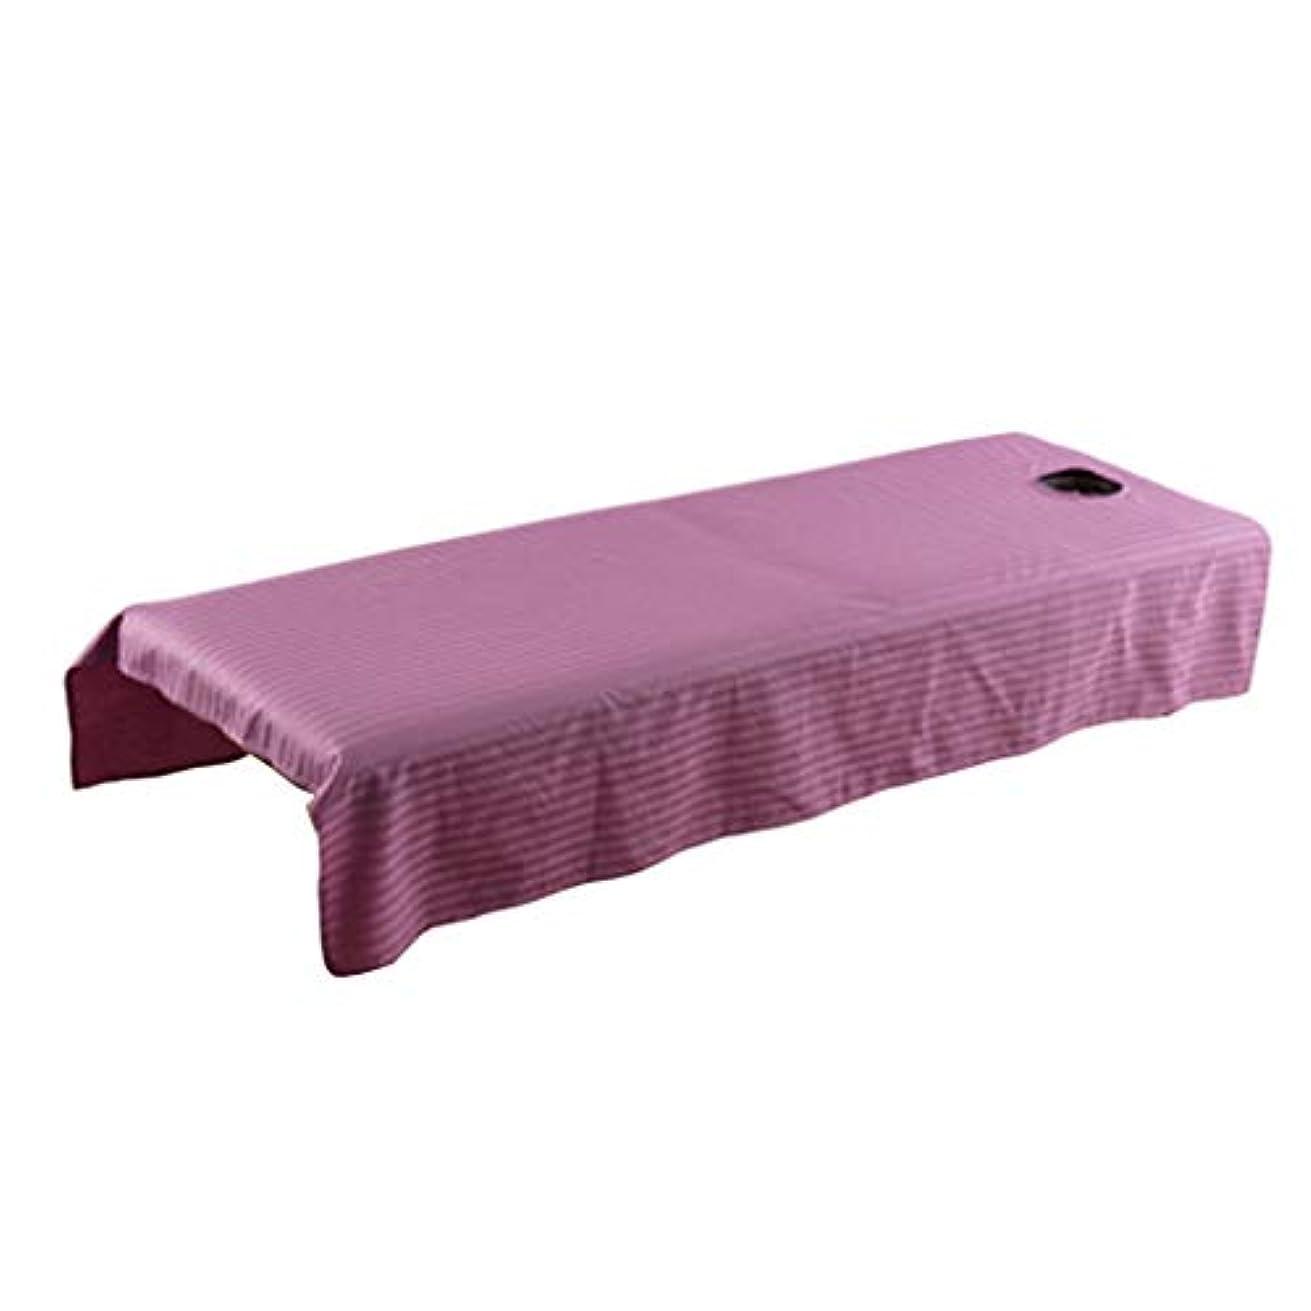 アルコールカプセル基準マッサージベッドカバー 有孔 スパベッドカバー マッサージテーブル シート 全5カラー - 紫の